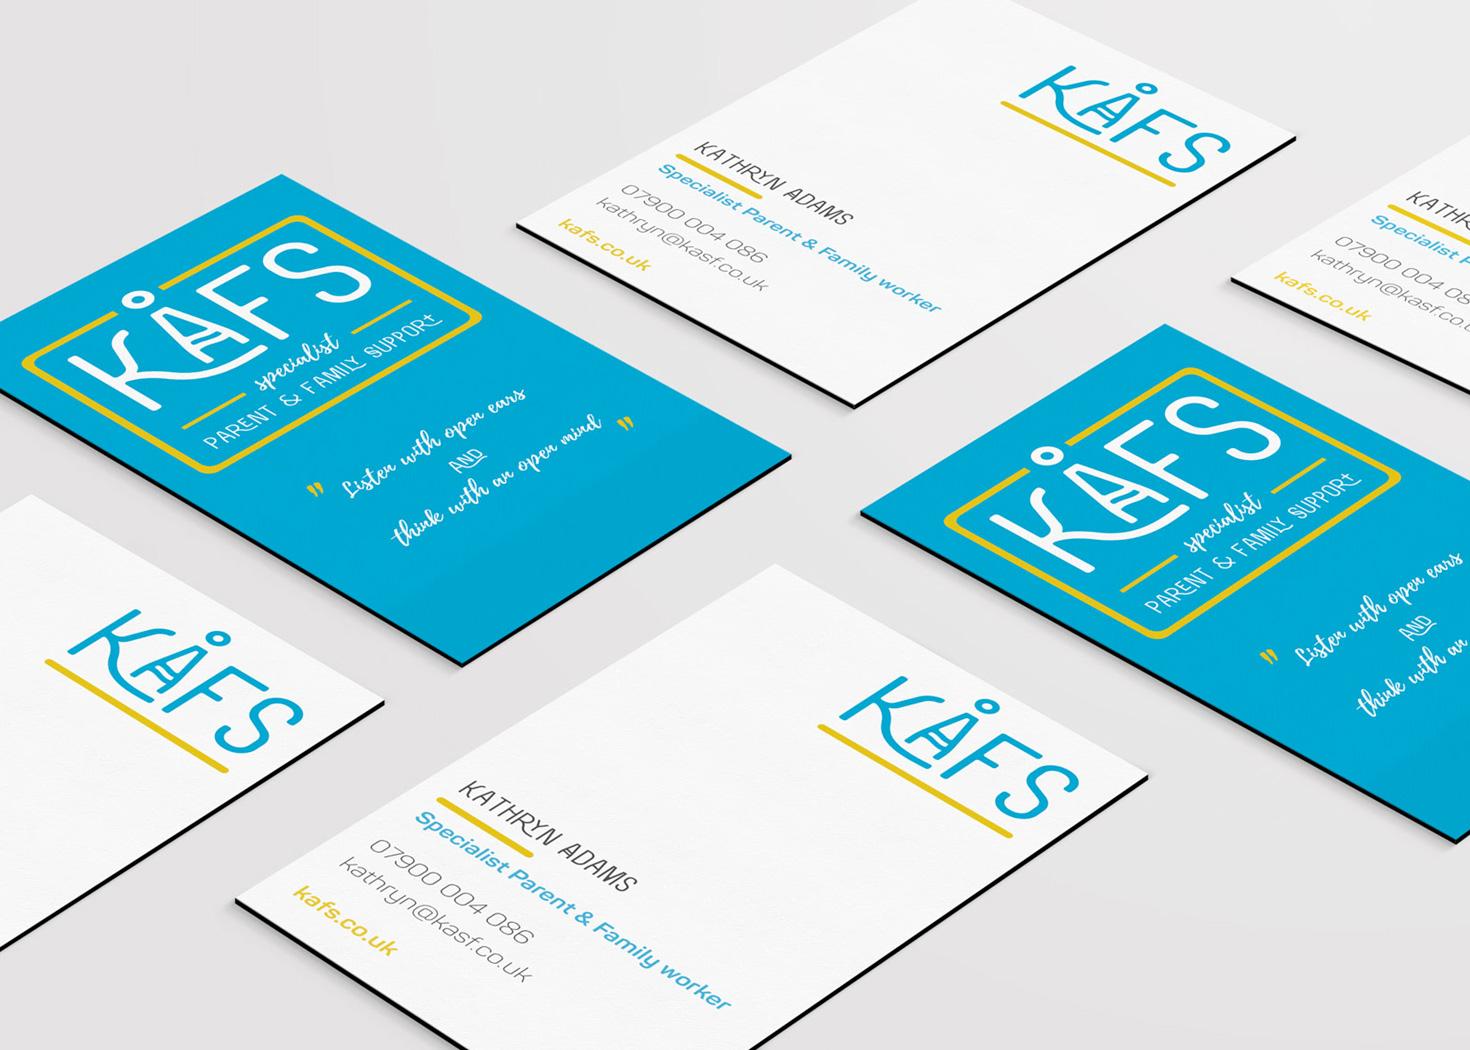 Client: KAFS